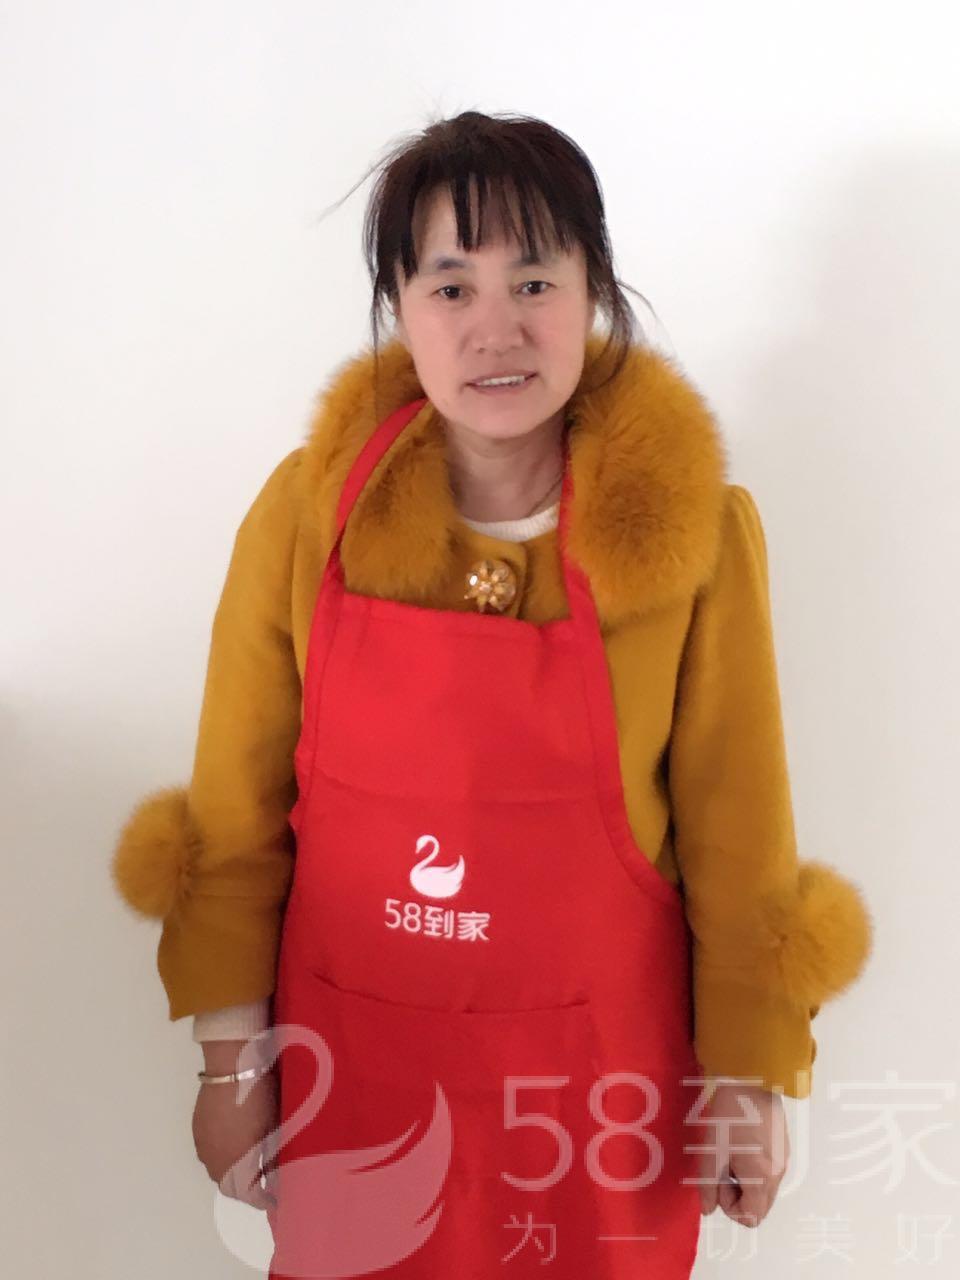 保洁师李双